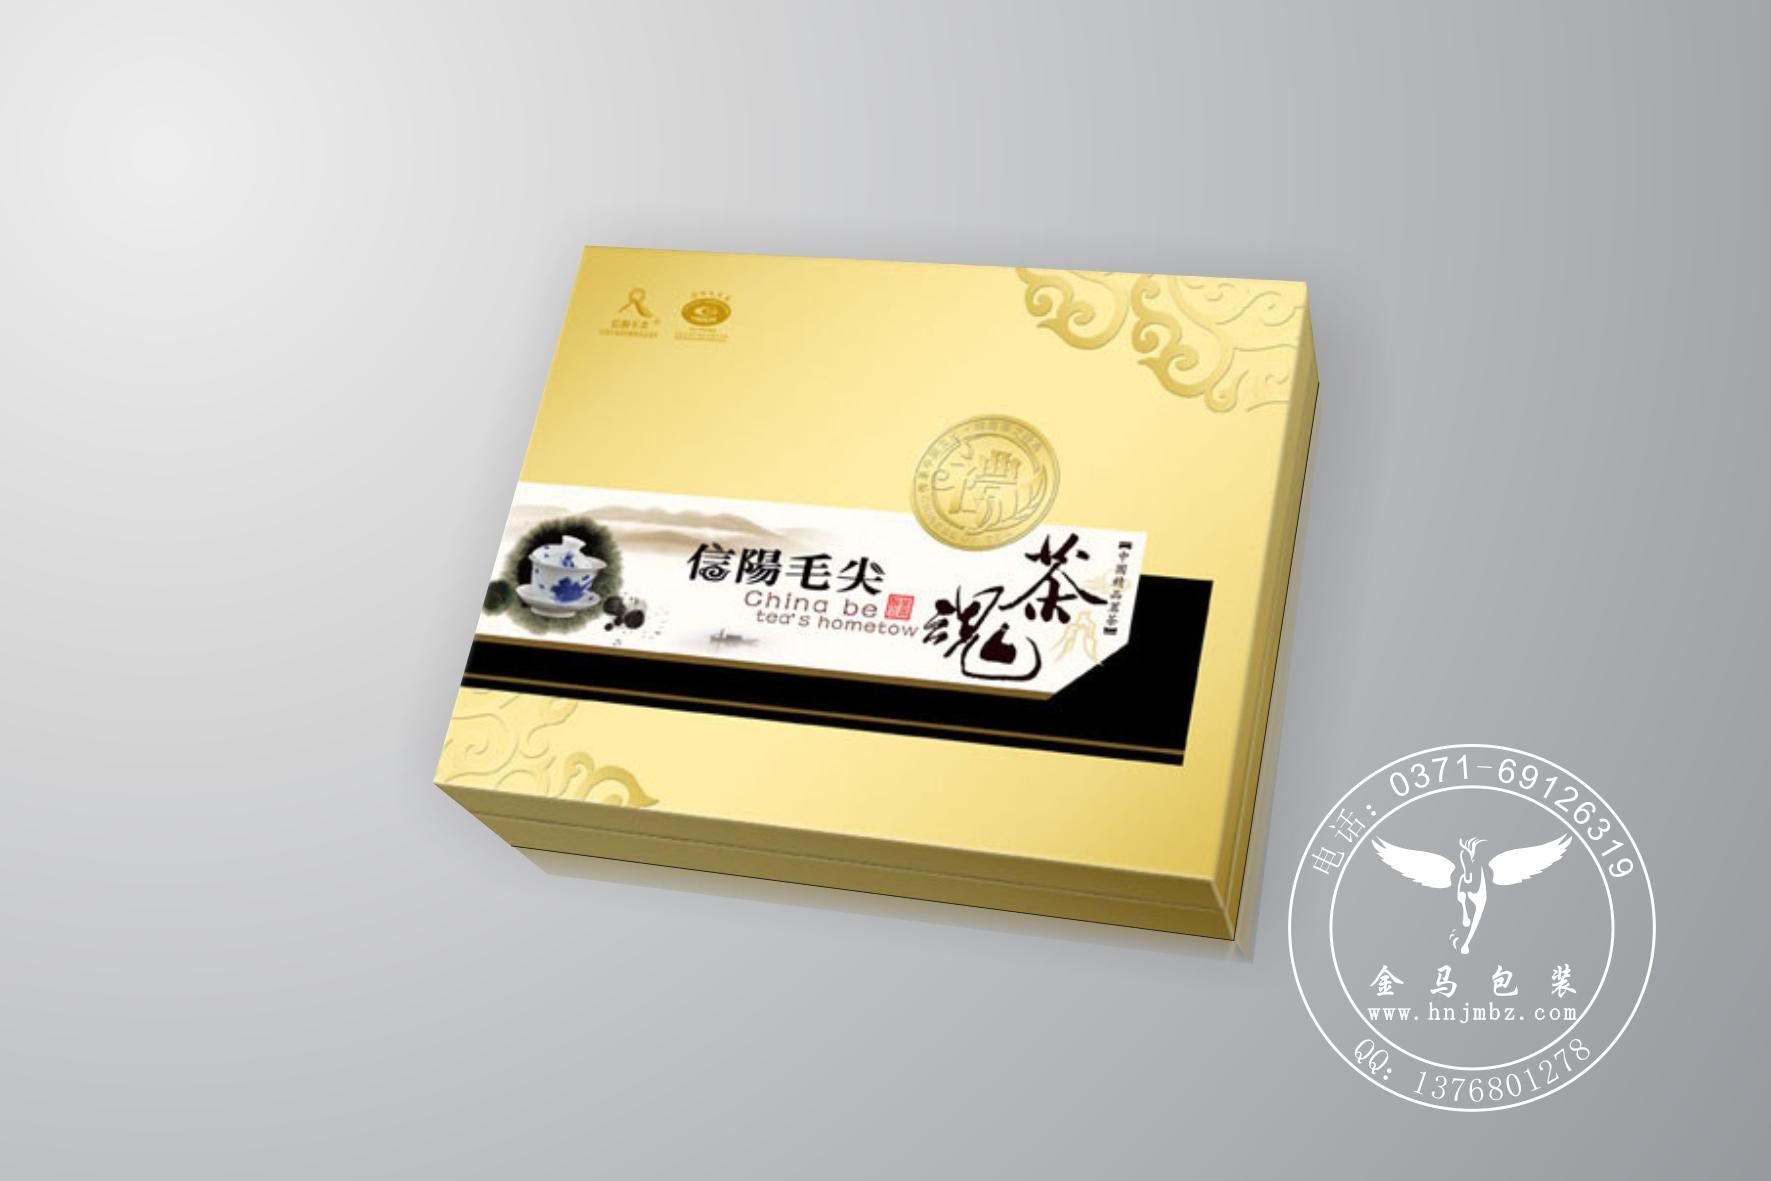 信阳毛尖茶叶盒,天地盖茶叶盒加工/郑州精品包装盒加工厂